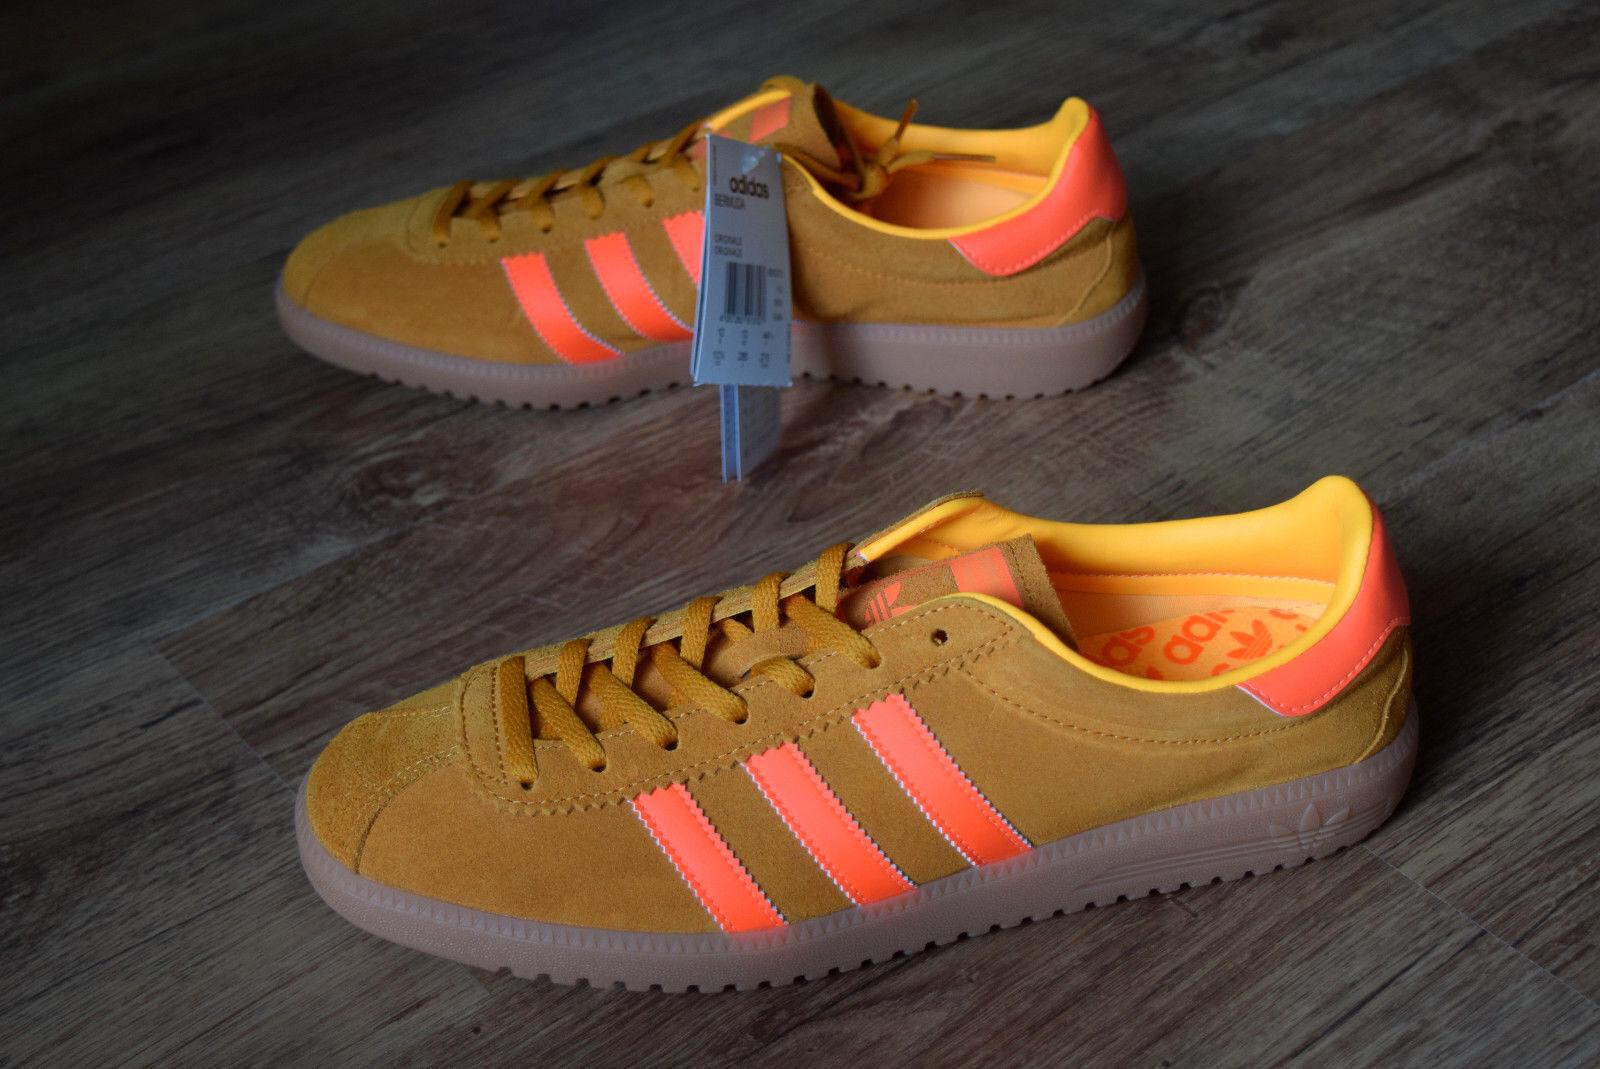 Adidas Bermudas 40 41 46 42 43 44 45 46 41 47 bb5270 Roma Hamburgo Superstar ré cordón liquidación estacional 3db326